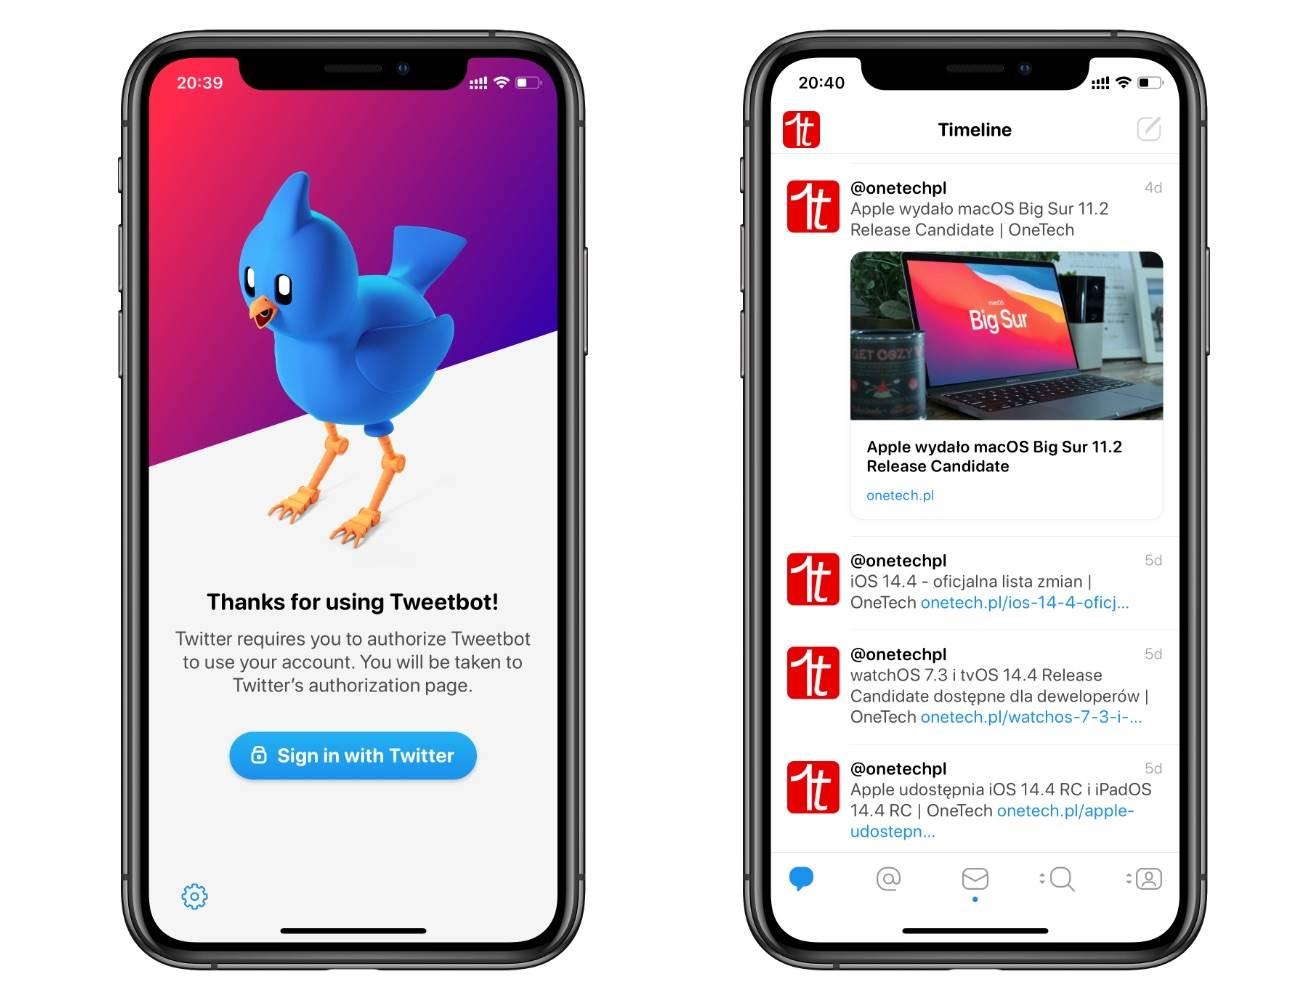 W App Store pojawił się nowy Tweetbot 6 polecane, ciekawostki Update, tweetbot 6 na iOS, Tweetbot 6, skad pobrac, skąd pobrać, iPhone, iOS, download, App Store  W App Stor pojawiła się nowa wersja na pewno dobrze wam znanej aplikacji Tweetbot 6. Najnowsza wersja oznaczona numerkiem 6 wprowadza kilka istotnych zmian. Tweetbot6 2